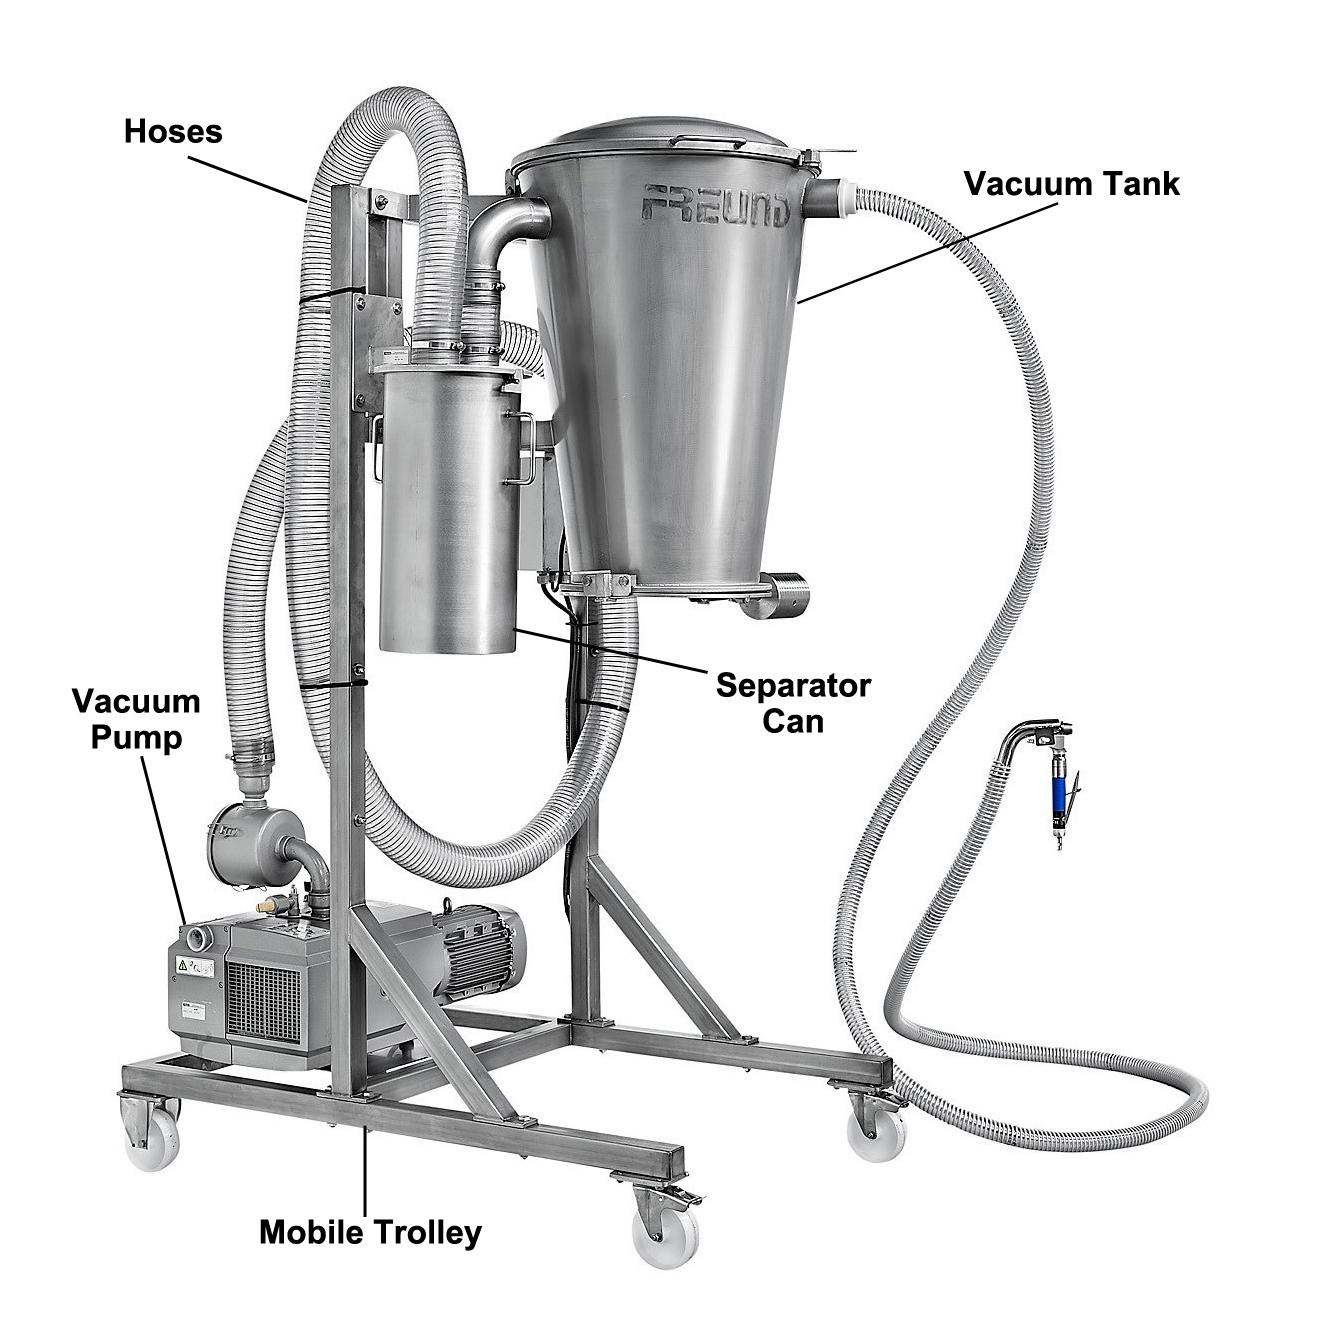 Vss  Svss Steam Vacuum Sanitiser Systems